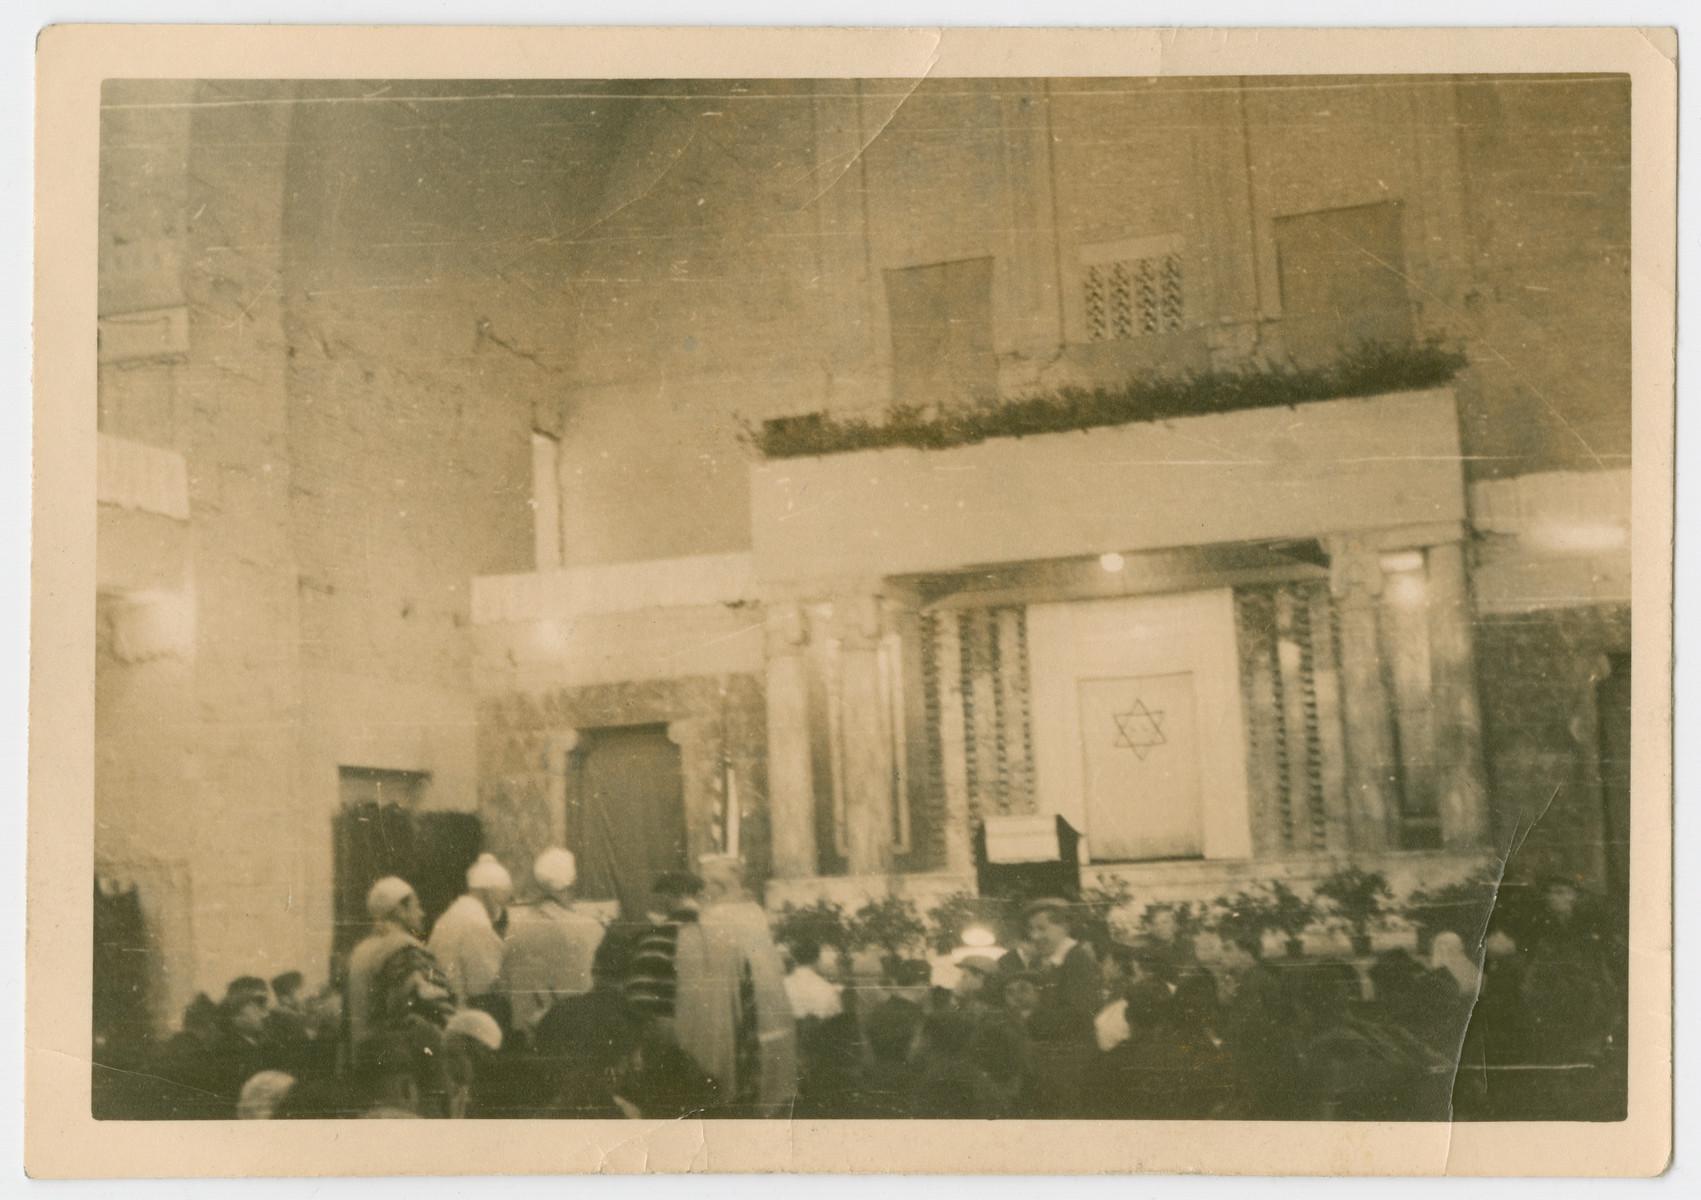 Survivors and American Jewish servicemen attend Rosh Hashanah services in Frankfurt.